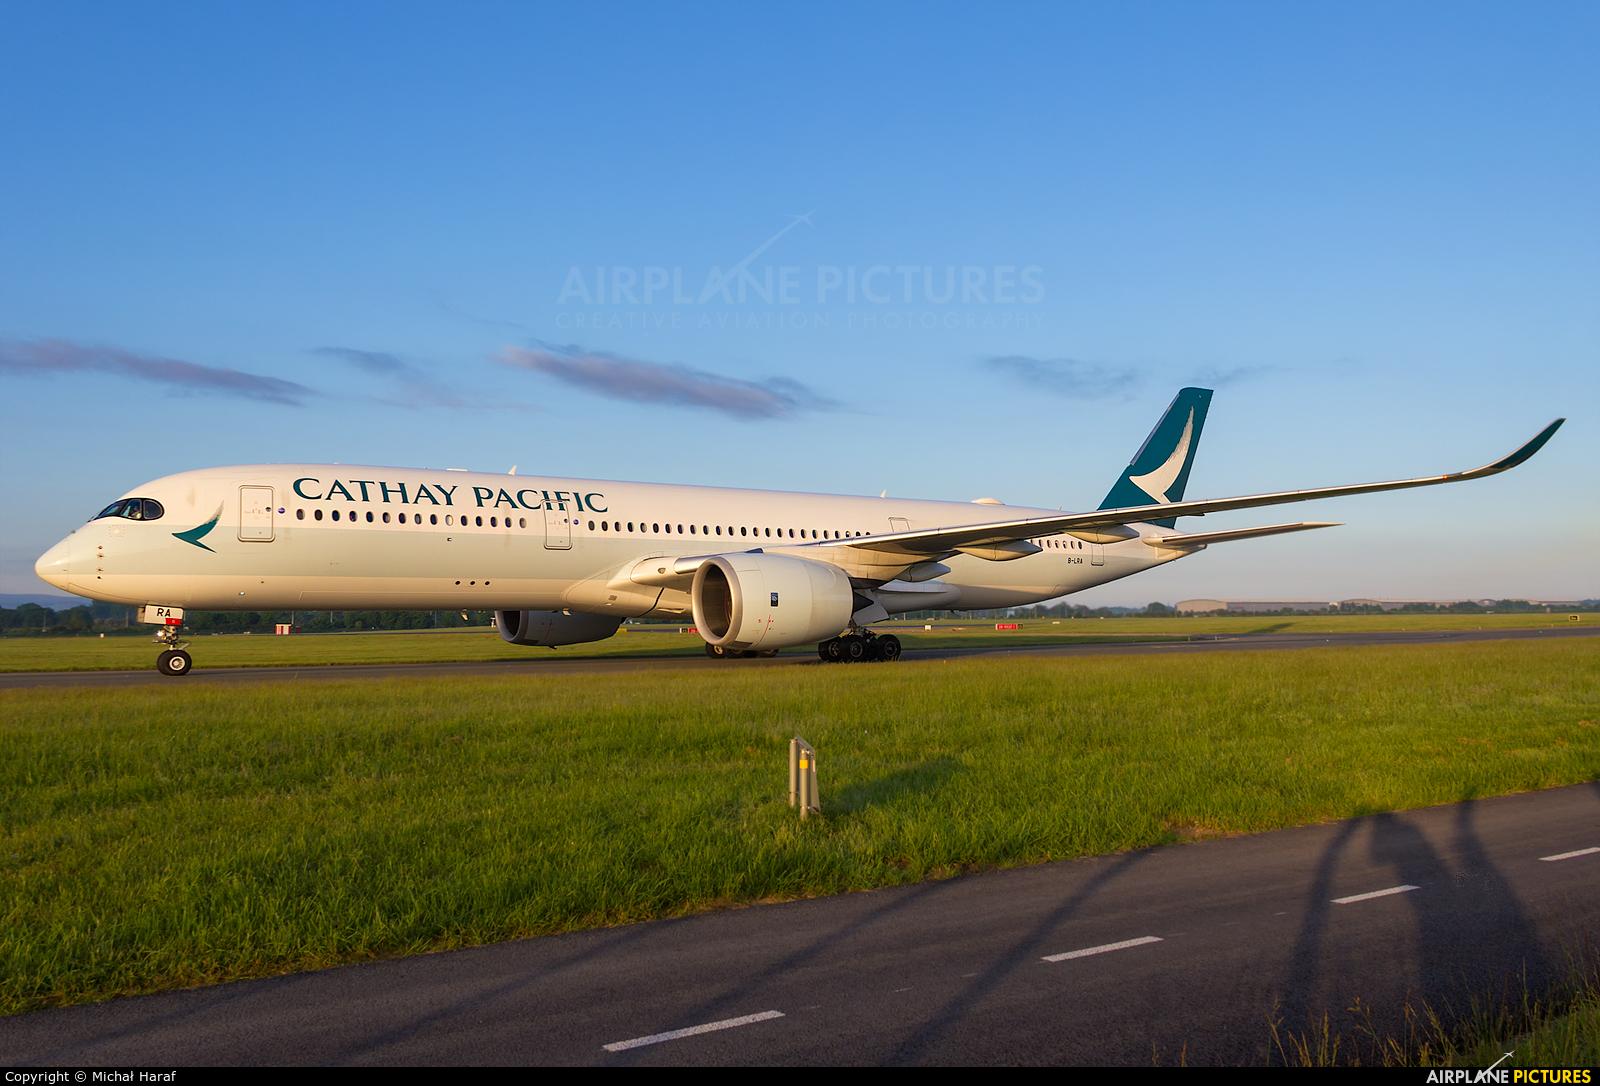 Cathay Pacific B-LRA aircraft at Dublin